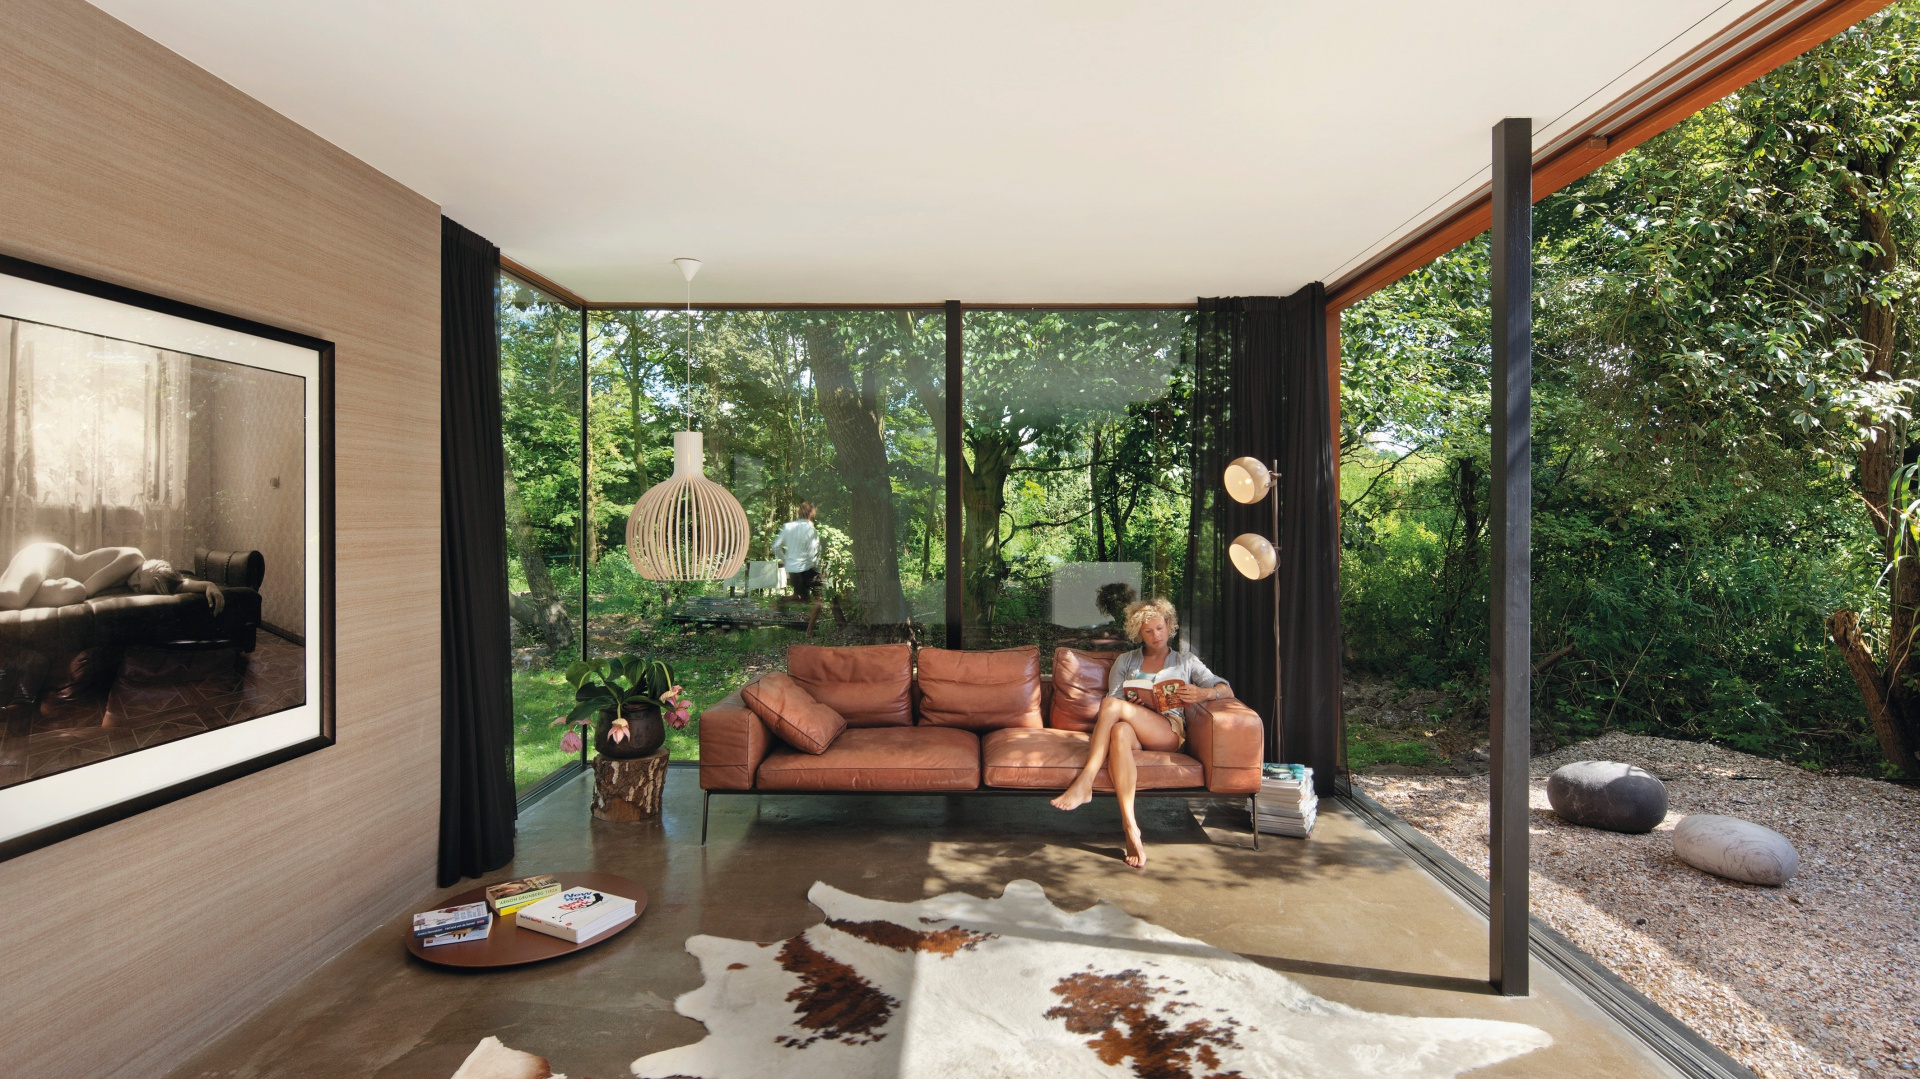 Dzięki ogromnym przeszkleniom ogród dosłownie wnika do wnętrza domu. Siedząc na kanapie w salonie możemy poczuć się jakbyśmy odpoczywali na tarasie. Projekt: Jeroen van Zwetselaar. Fot. Cornbread Works.